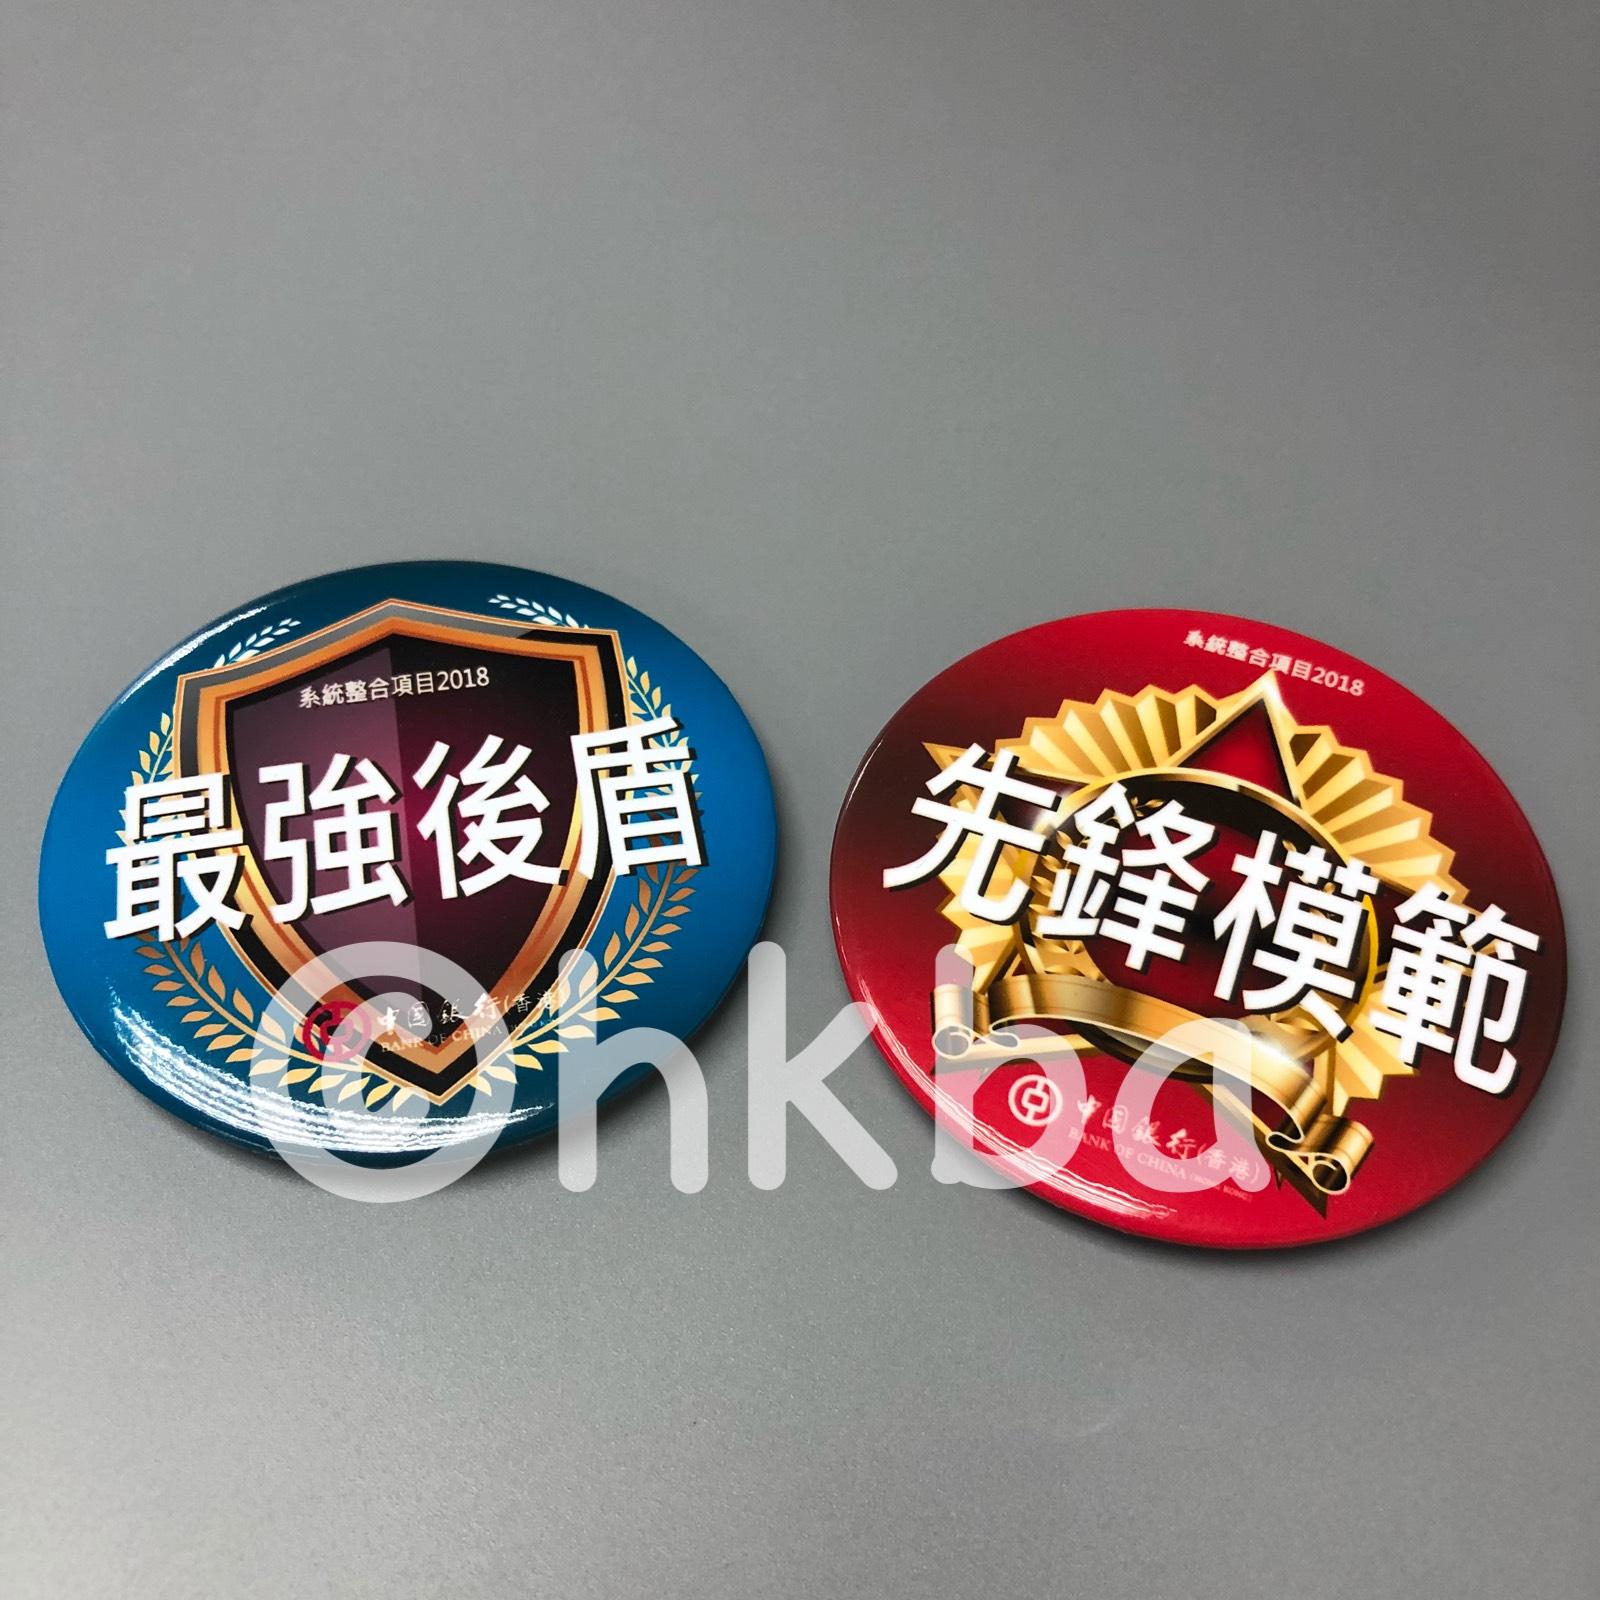 公司活動襟章 - 馬口鐵襟章 - 中國銀行香港 - 香港優質奬品設計公司 - 案例分享